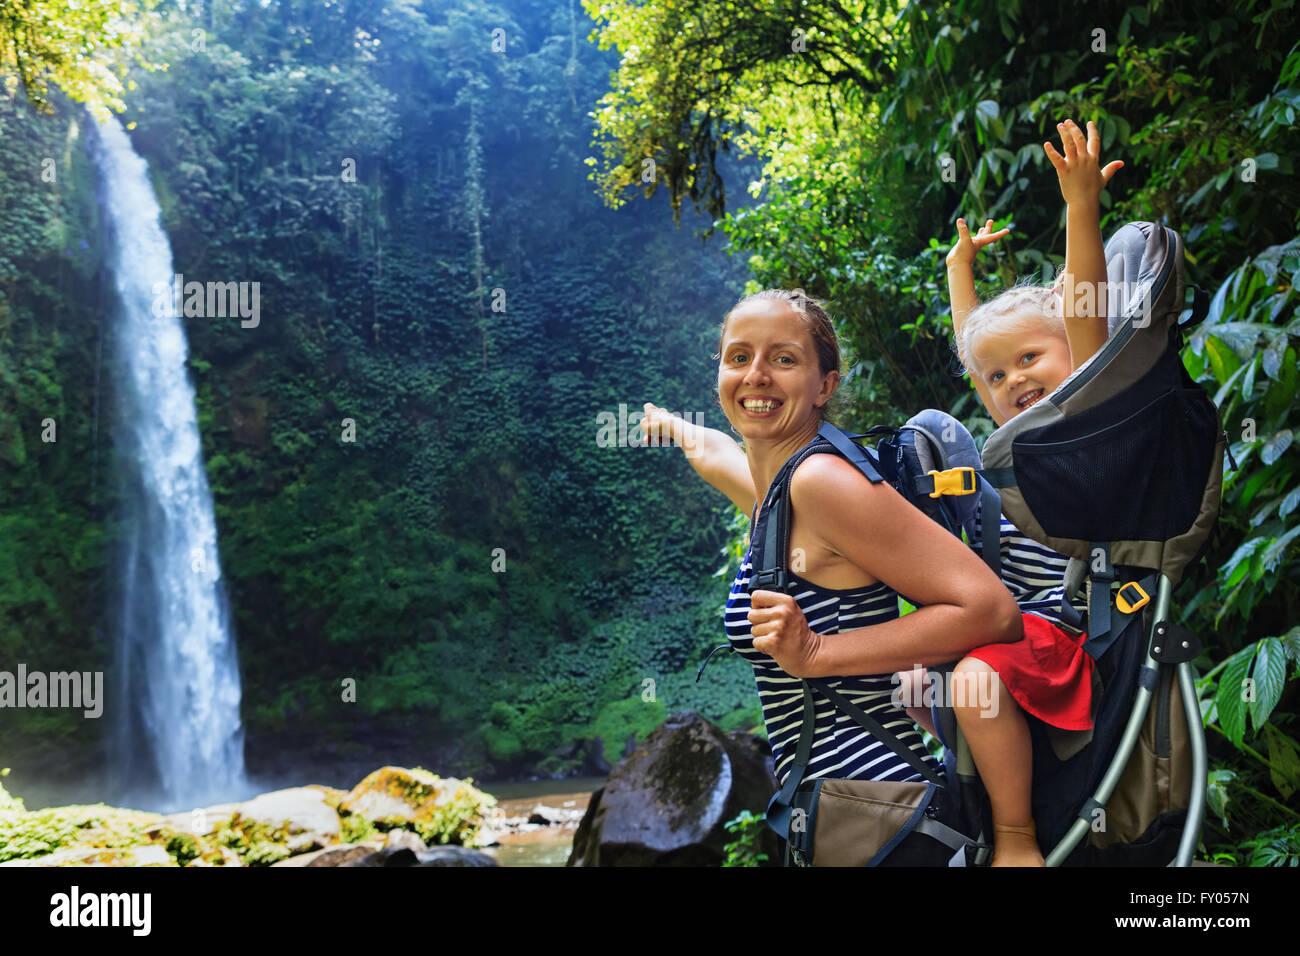 Piscine cascade à de jeunes professionnels mère voyageur peu à l'arrière - petite fille Photo Stock